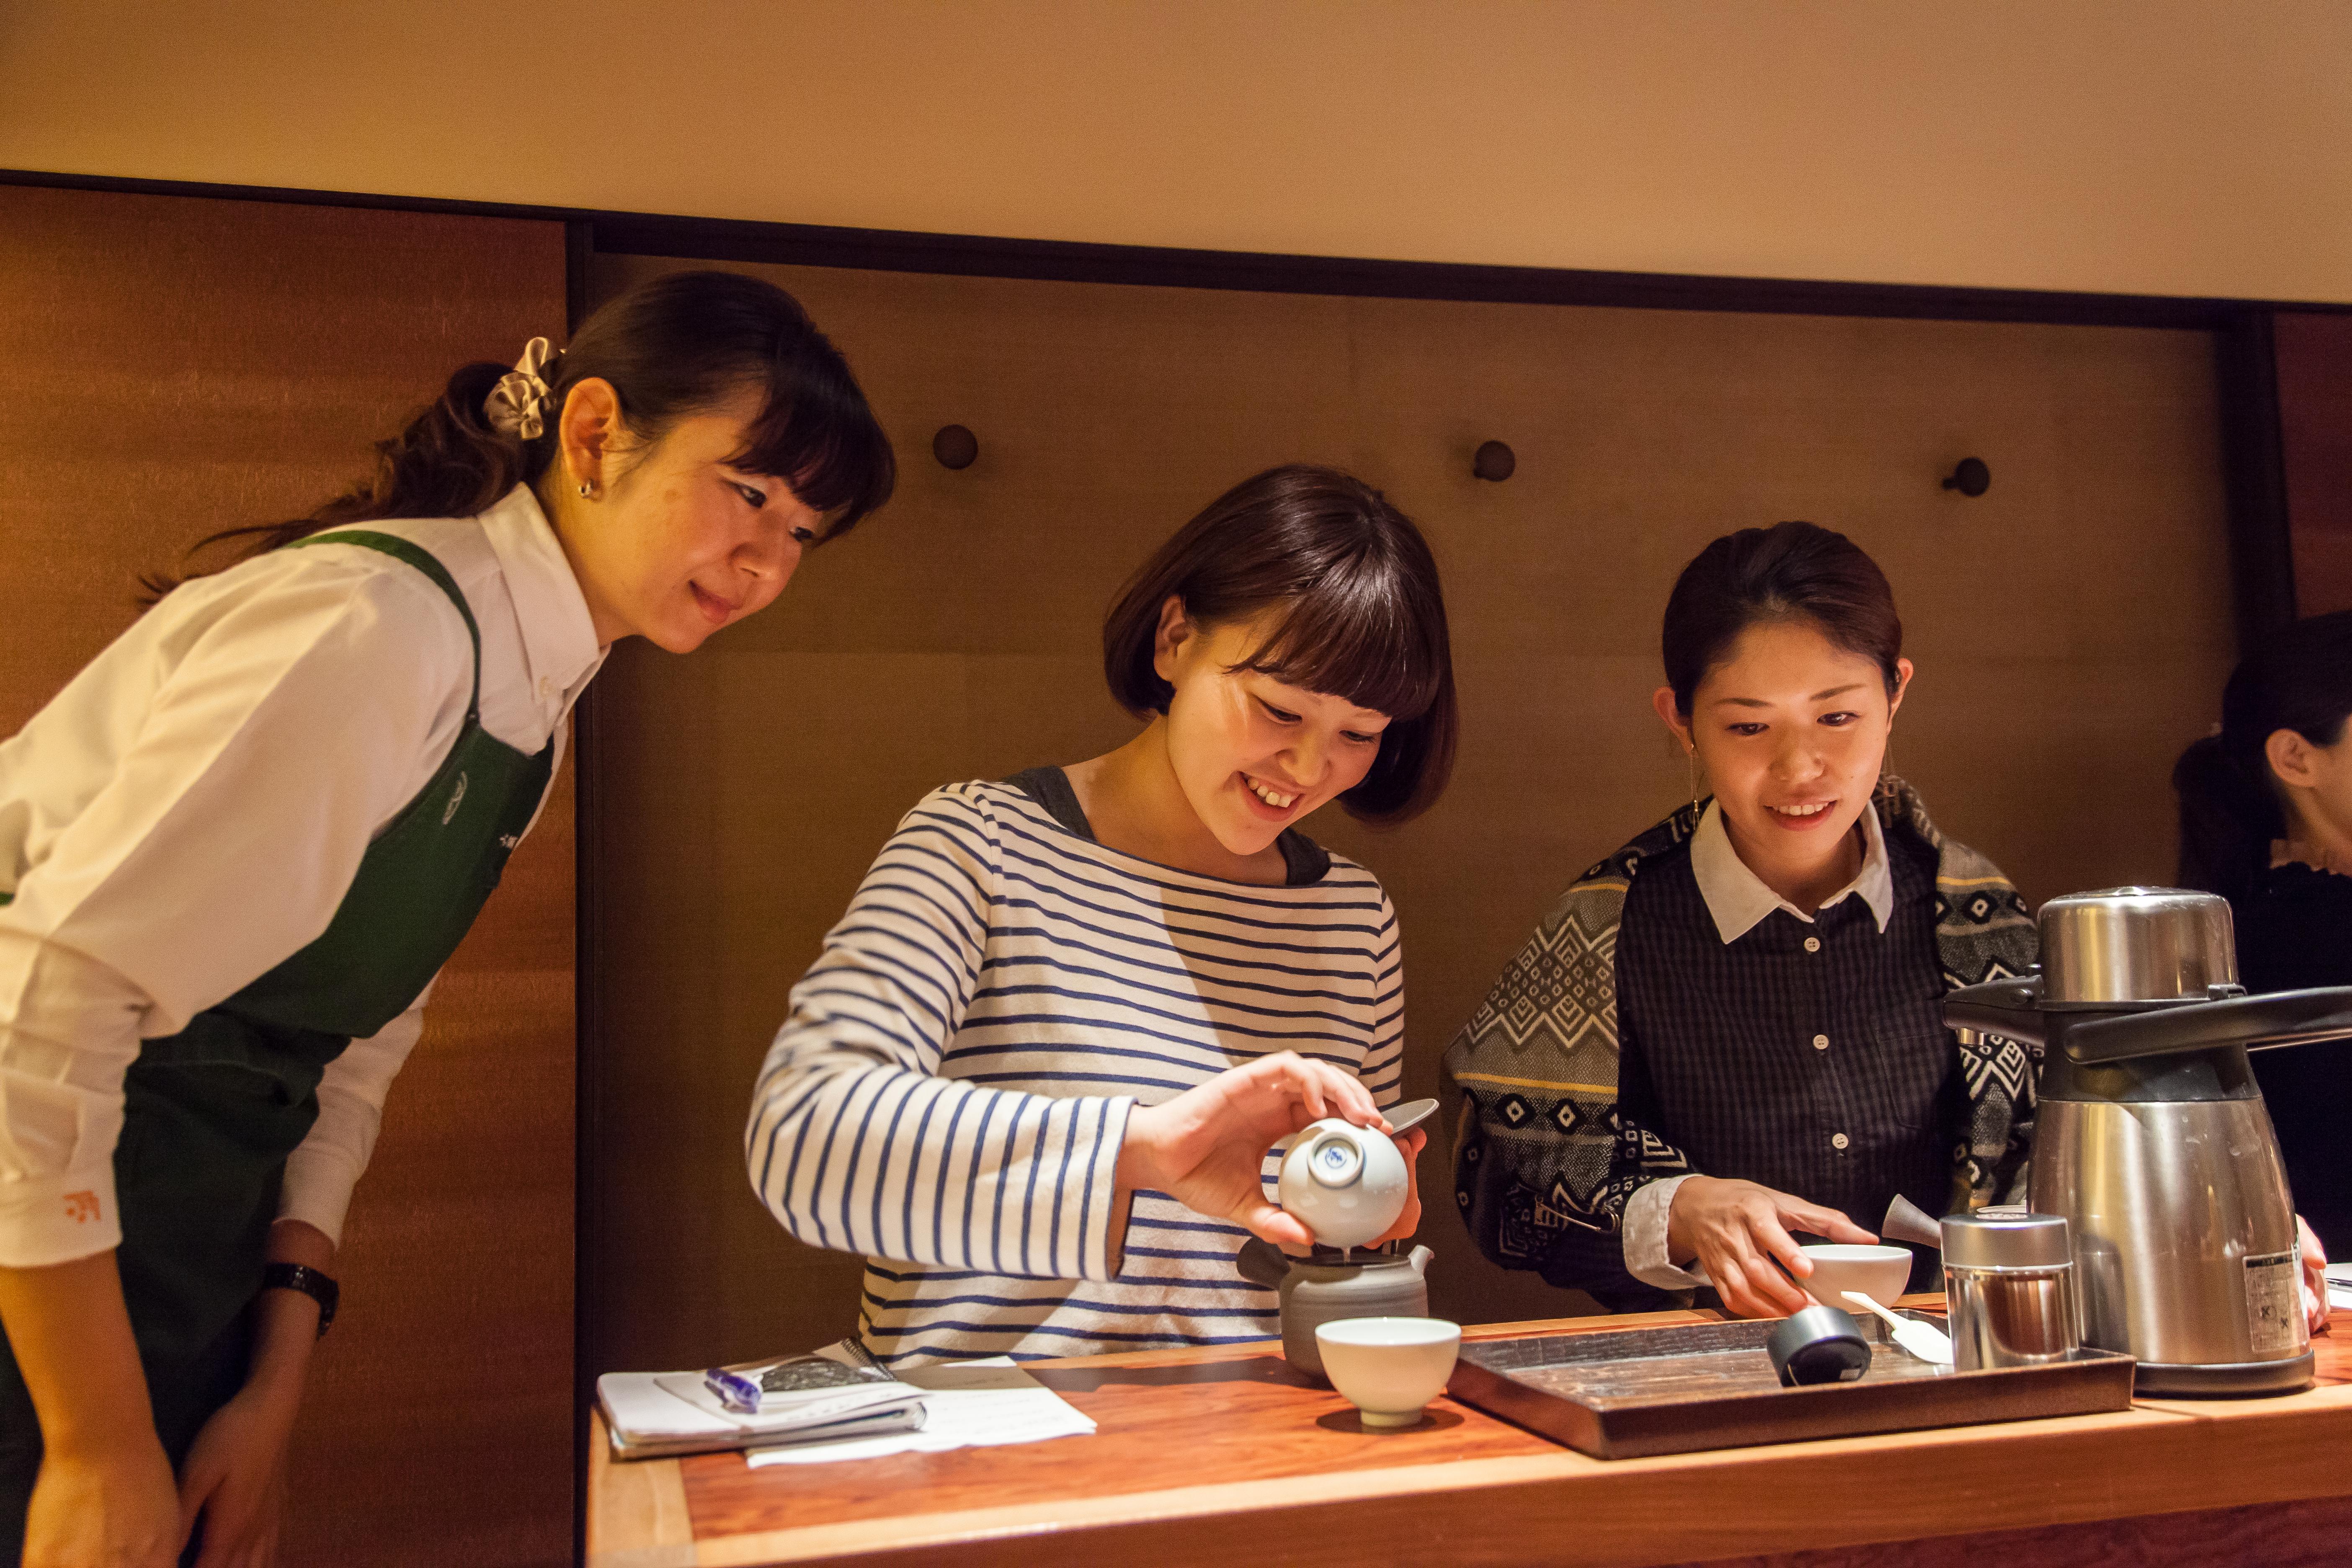 13:00 - 16:00 擁有300年歷史的日本茶專門店遠赴來港與大家分享泡茶技巧及品嚐日本茶的樂趣。